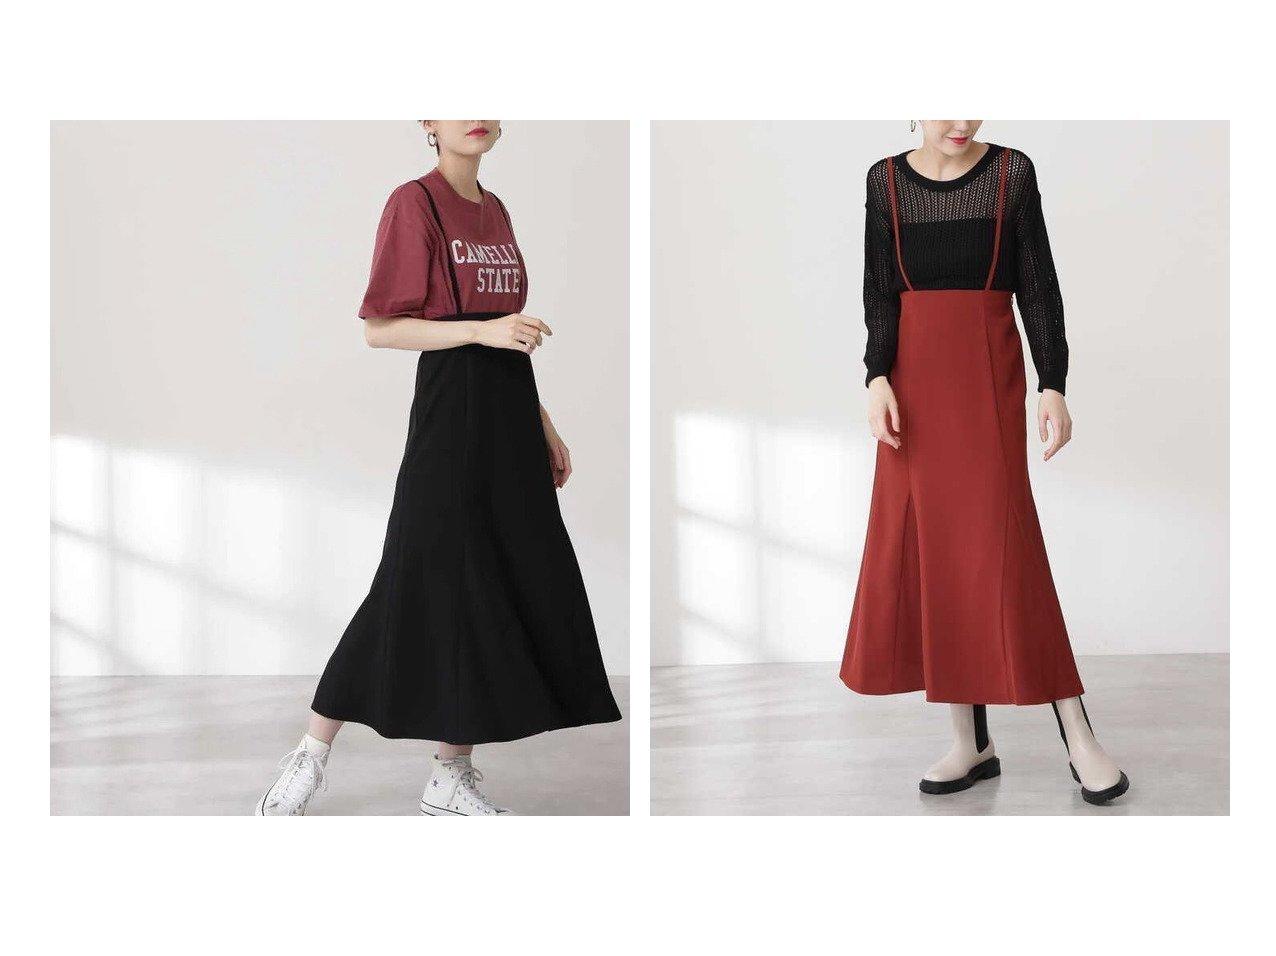 【N.Natural Beauty basic/エヌ ナチュラルビューティーベーシック】のサスペンダー付マーメイドスカート 【スカート】おすすめ!人気、トレンド・レディースファッションの通販  おすすめで人気の流行・トレンド、ファッションの通販商品 インテリア・家具・メンズファッション・キッズファッション・レディースファッション・服の通販 founy(ファニー) https://founy.com/ ファッション Fashion レディースファッション WOMEN スカート Skirt おすすめ Recommend コンパクト サスペンダー スリム ビッグ フレア マーメイド  ID:crp329100000062294